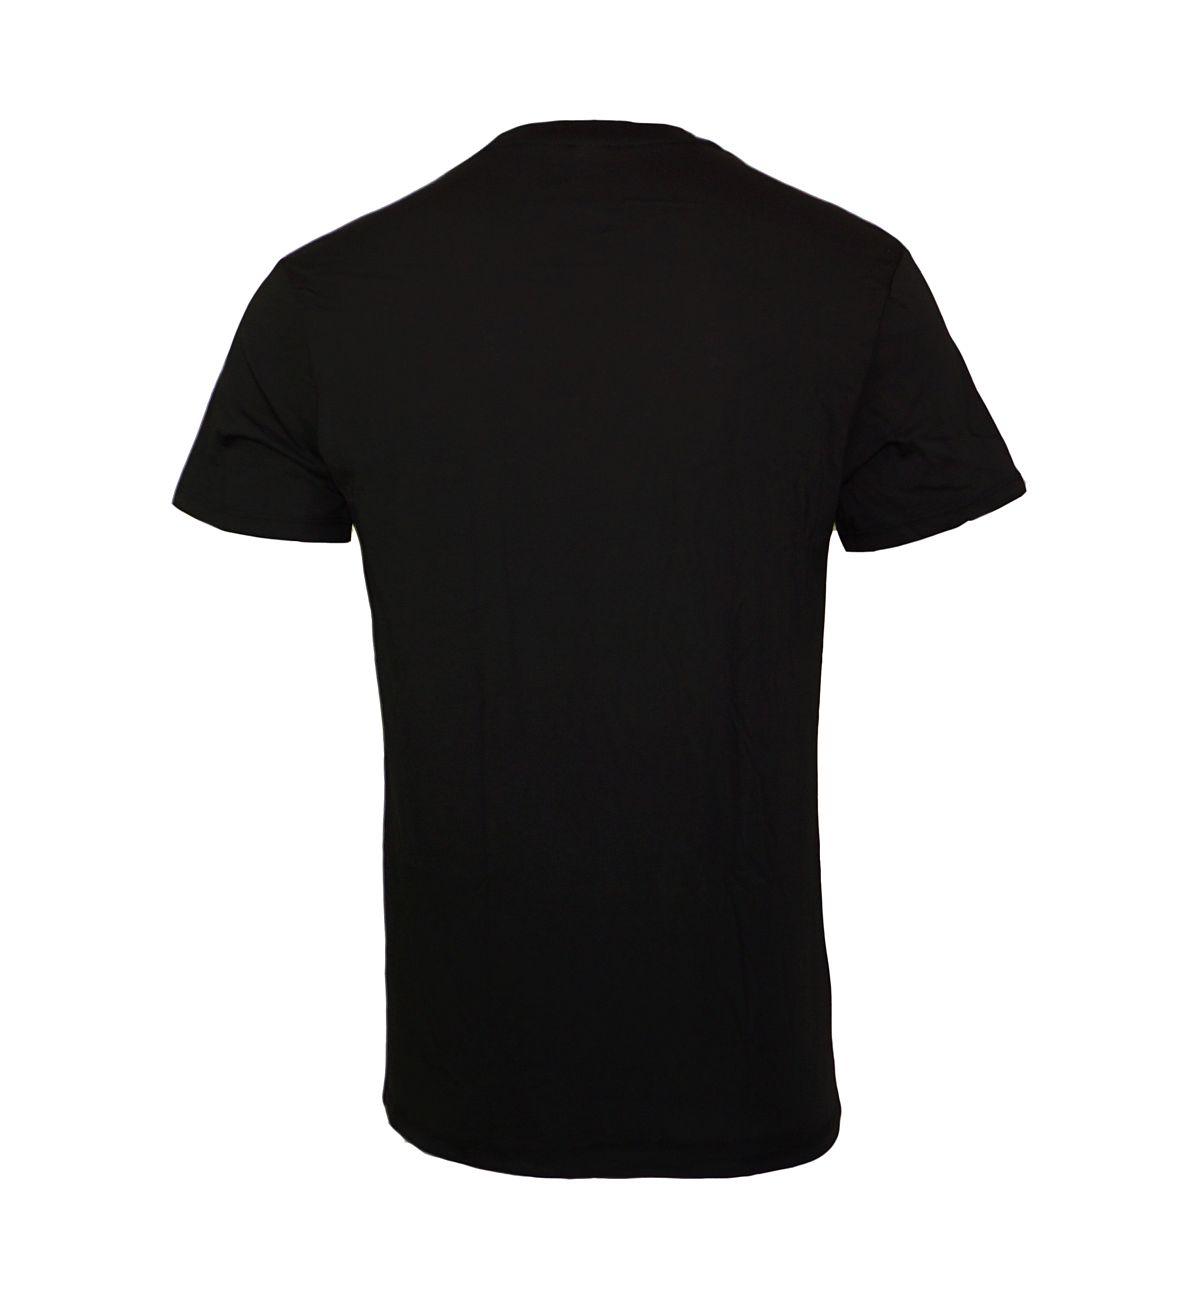 G-Star 2er Pack T-Shirts Regular Fit V-Ausschnitt D07203-2757-2019 Black F18-GSP1